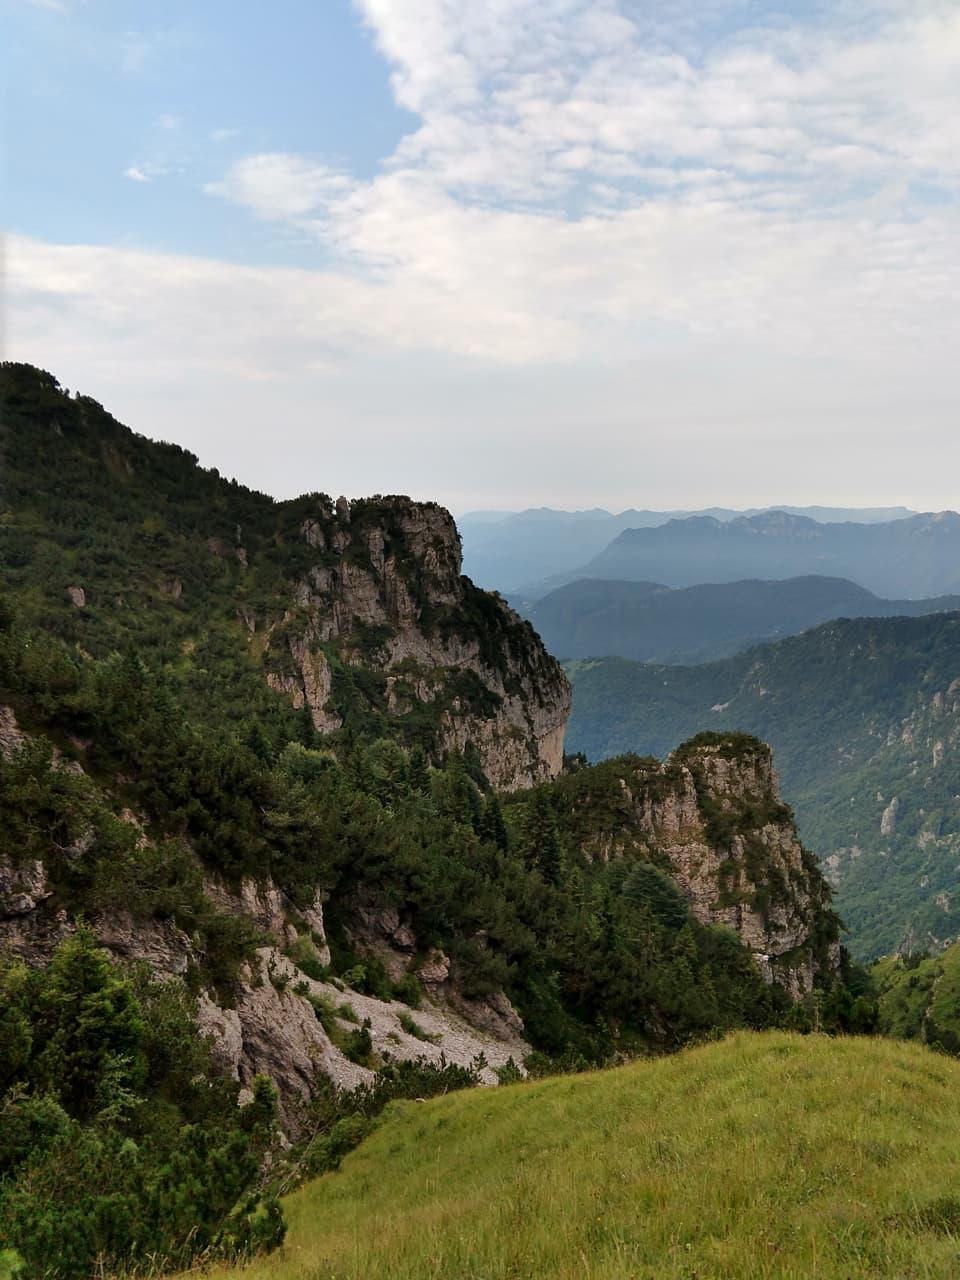 La salita lungo il versante valsabbino attraversa numerose vallette rocciose